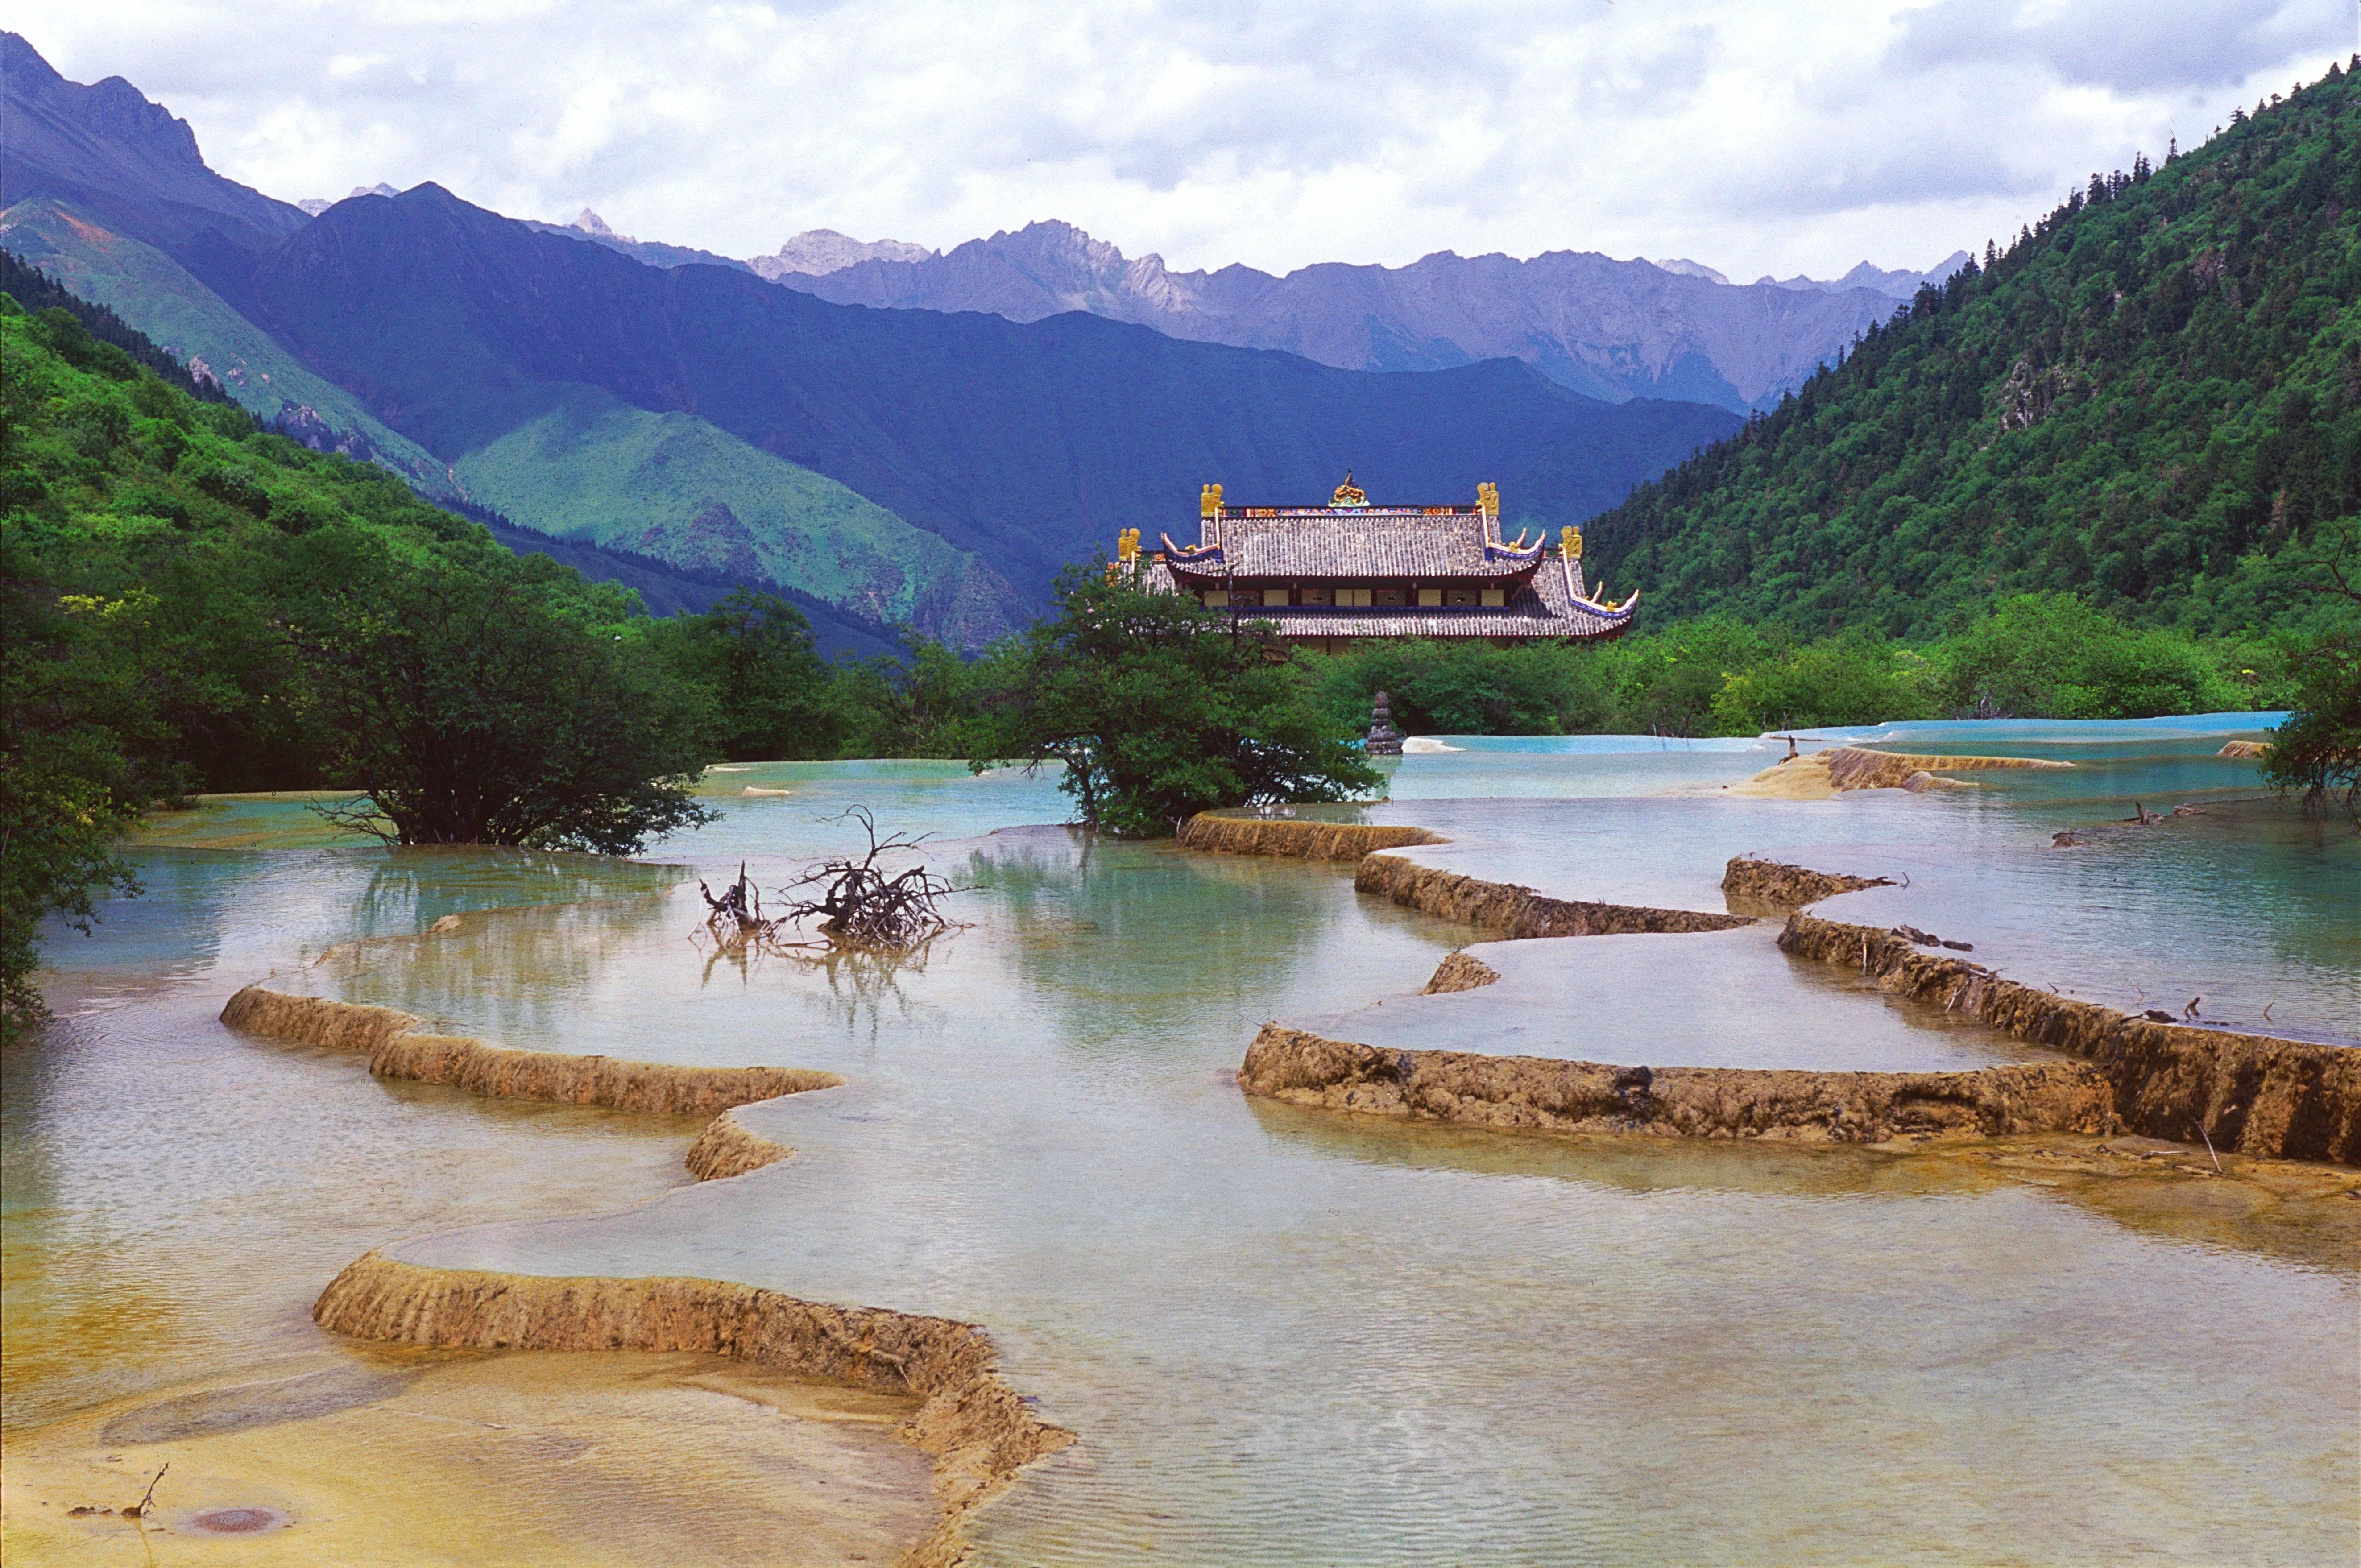 Чем интересен китай для туристов, и зачем сюда ехать в отпуск